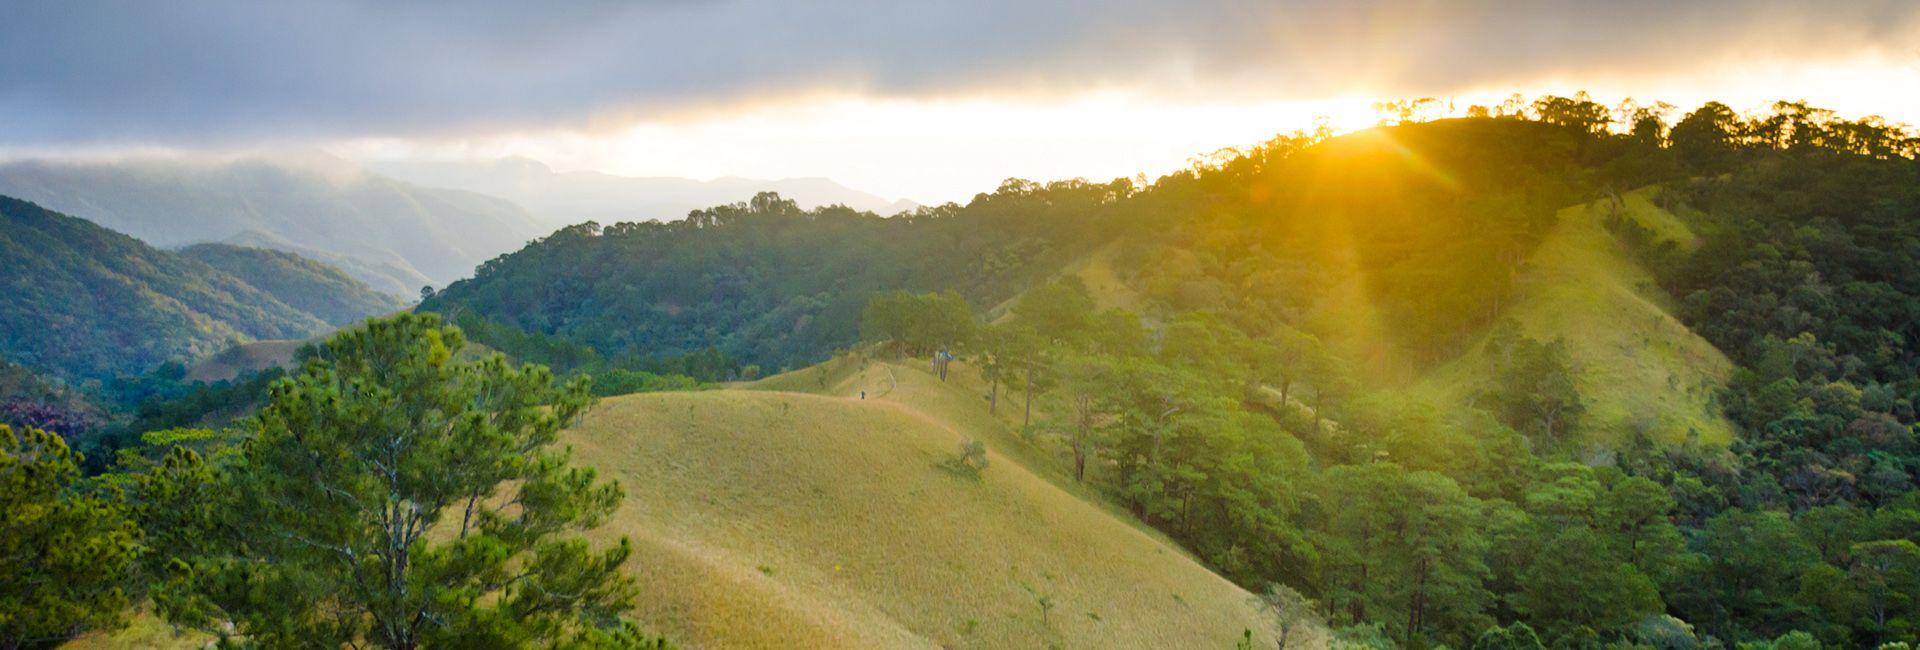 Phượt Tà Năng Phan Dũng - kinh nghiệm trekking an toàn từ A - Z